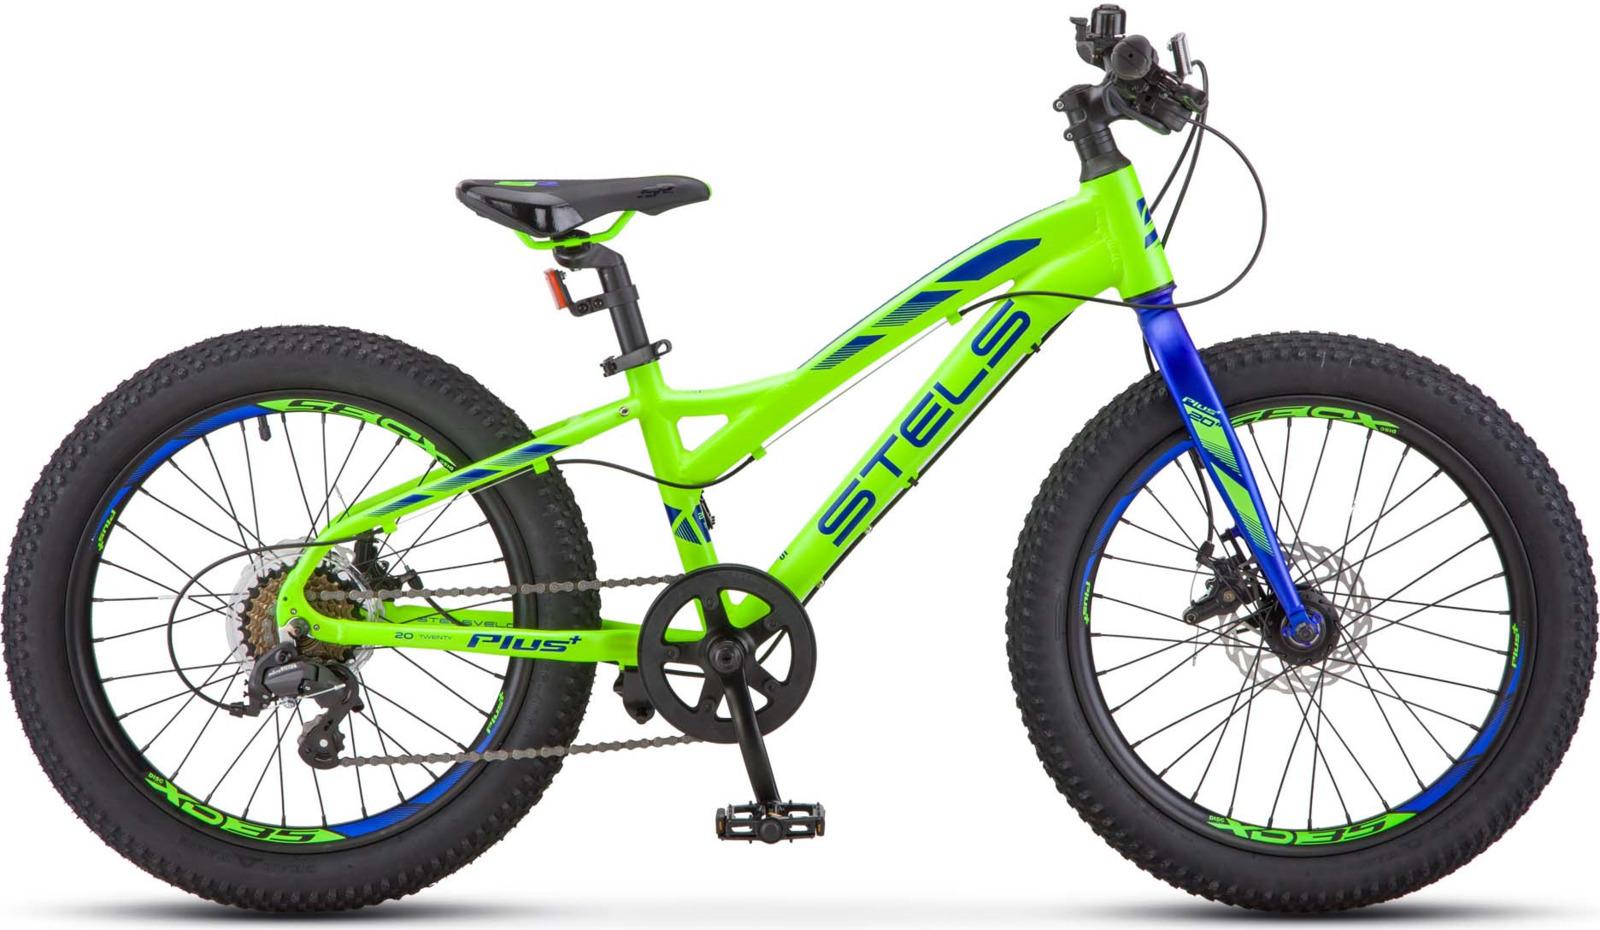 цена на Велосипед Stels Adrenalin MD 11, KUBC0049252018, светло-зеленый